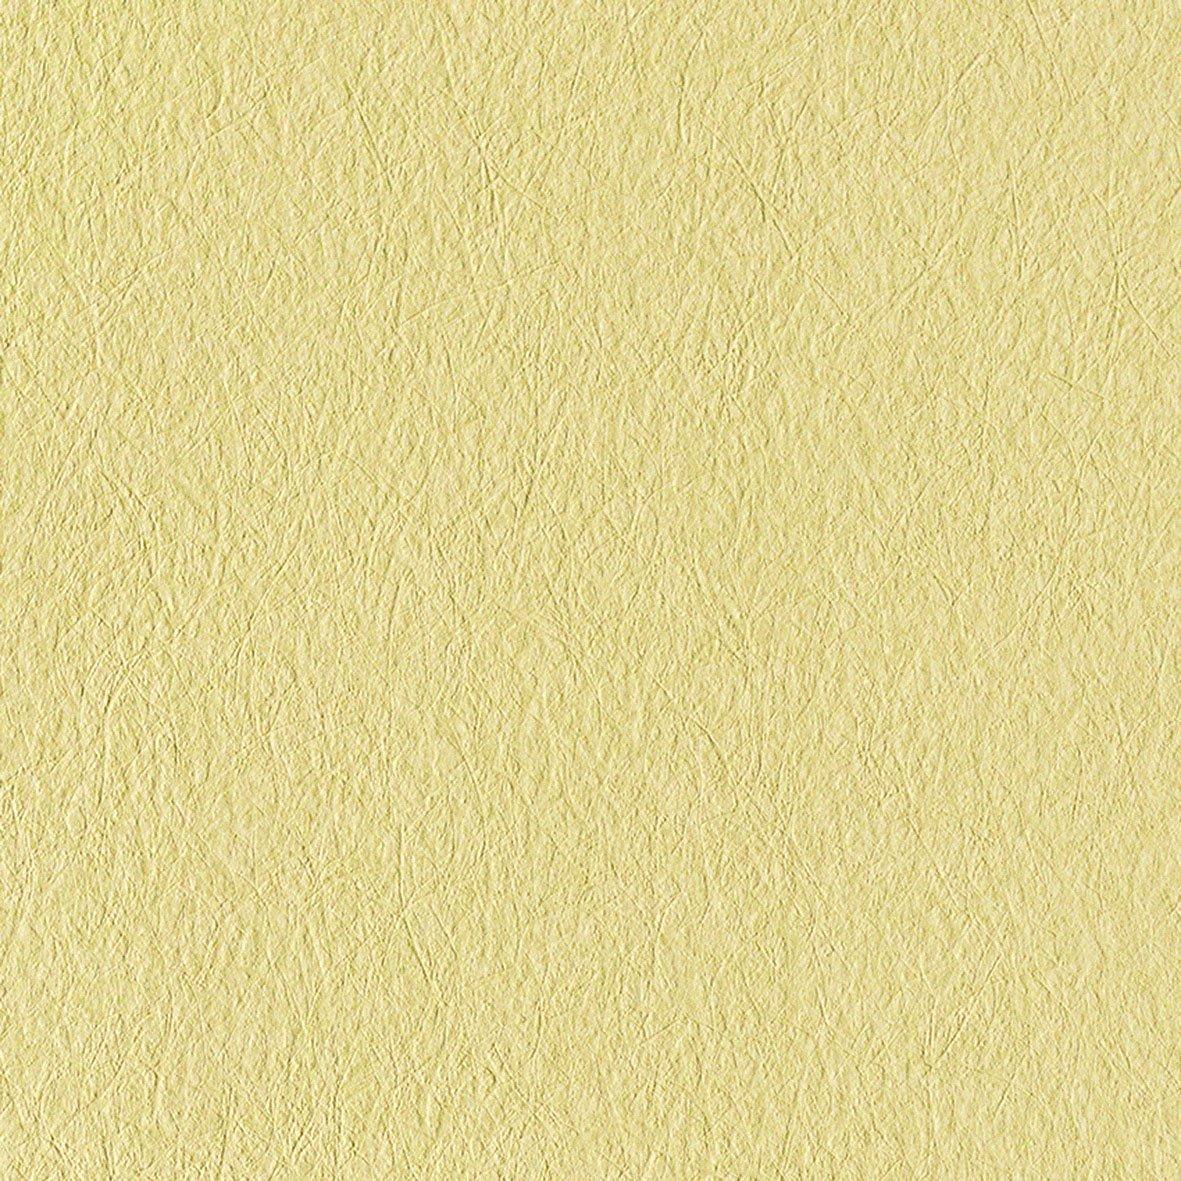 リリカラ 壁紙26m モダン 無地 グリーン カラーバリエーション LV-6141 B01IHRRJ4M 26m|グリーン